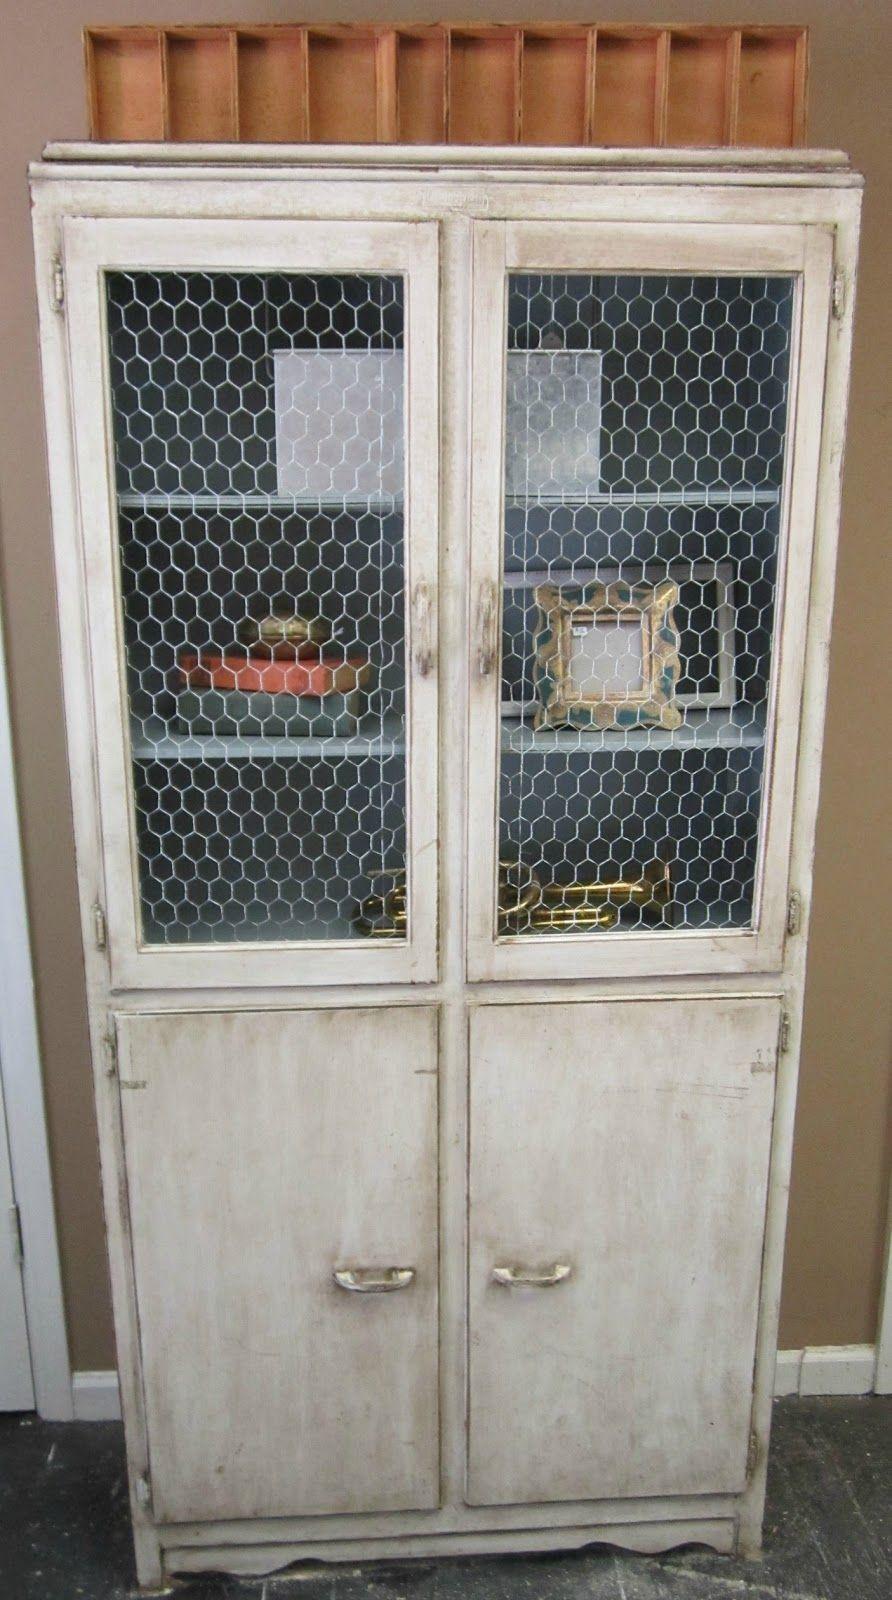 Chicken Wire Cabinet Doors 2020 In 2020 Chicken Wire Cabinets Cabinet Door Makeover Chicken Wire